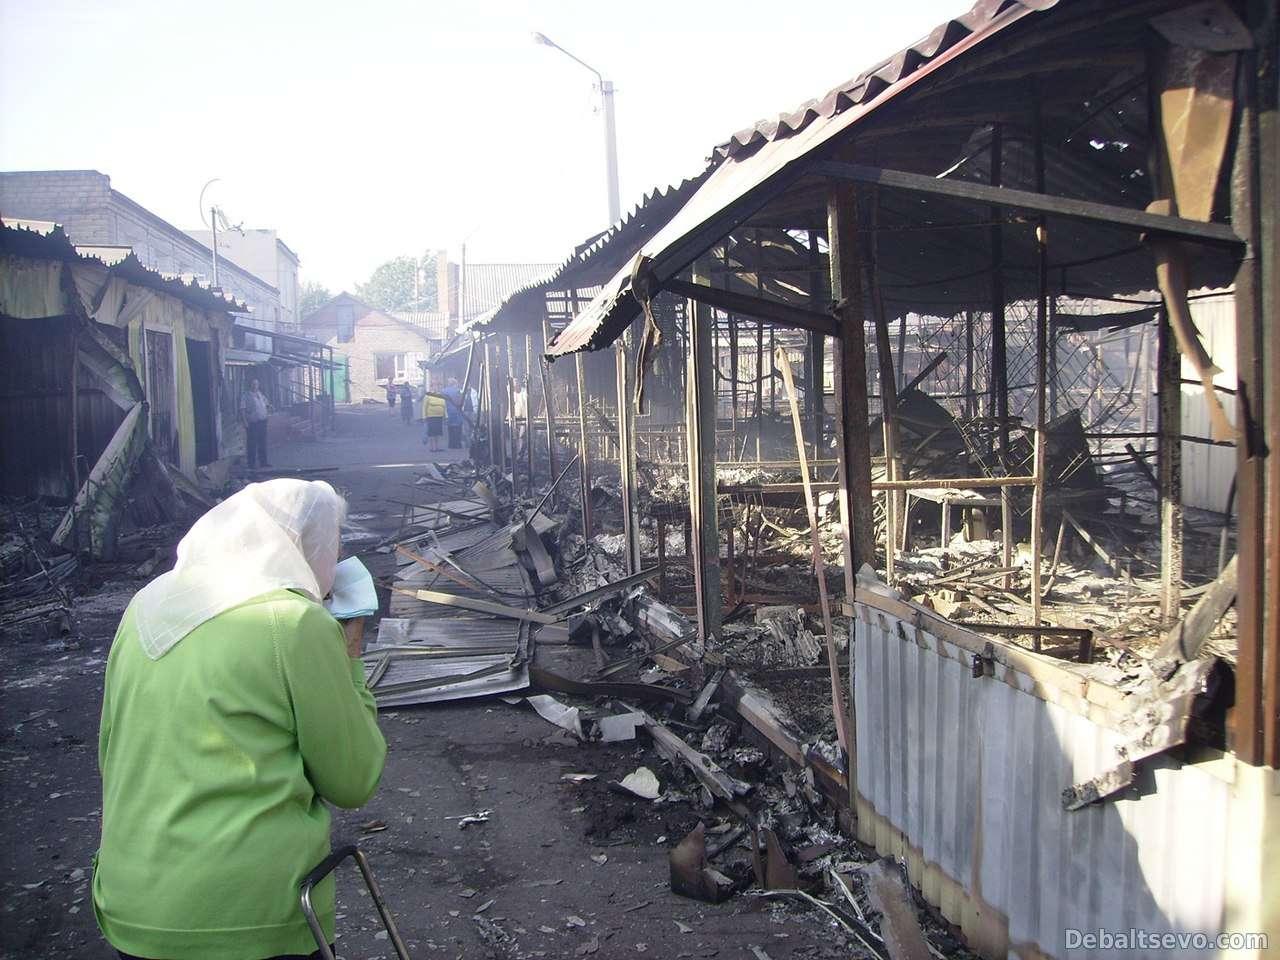 В Дебальцево продолжается обстрел: многие жители провели ночь в укрытиях